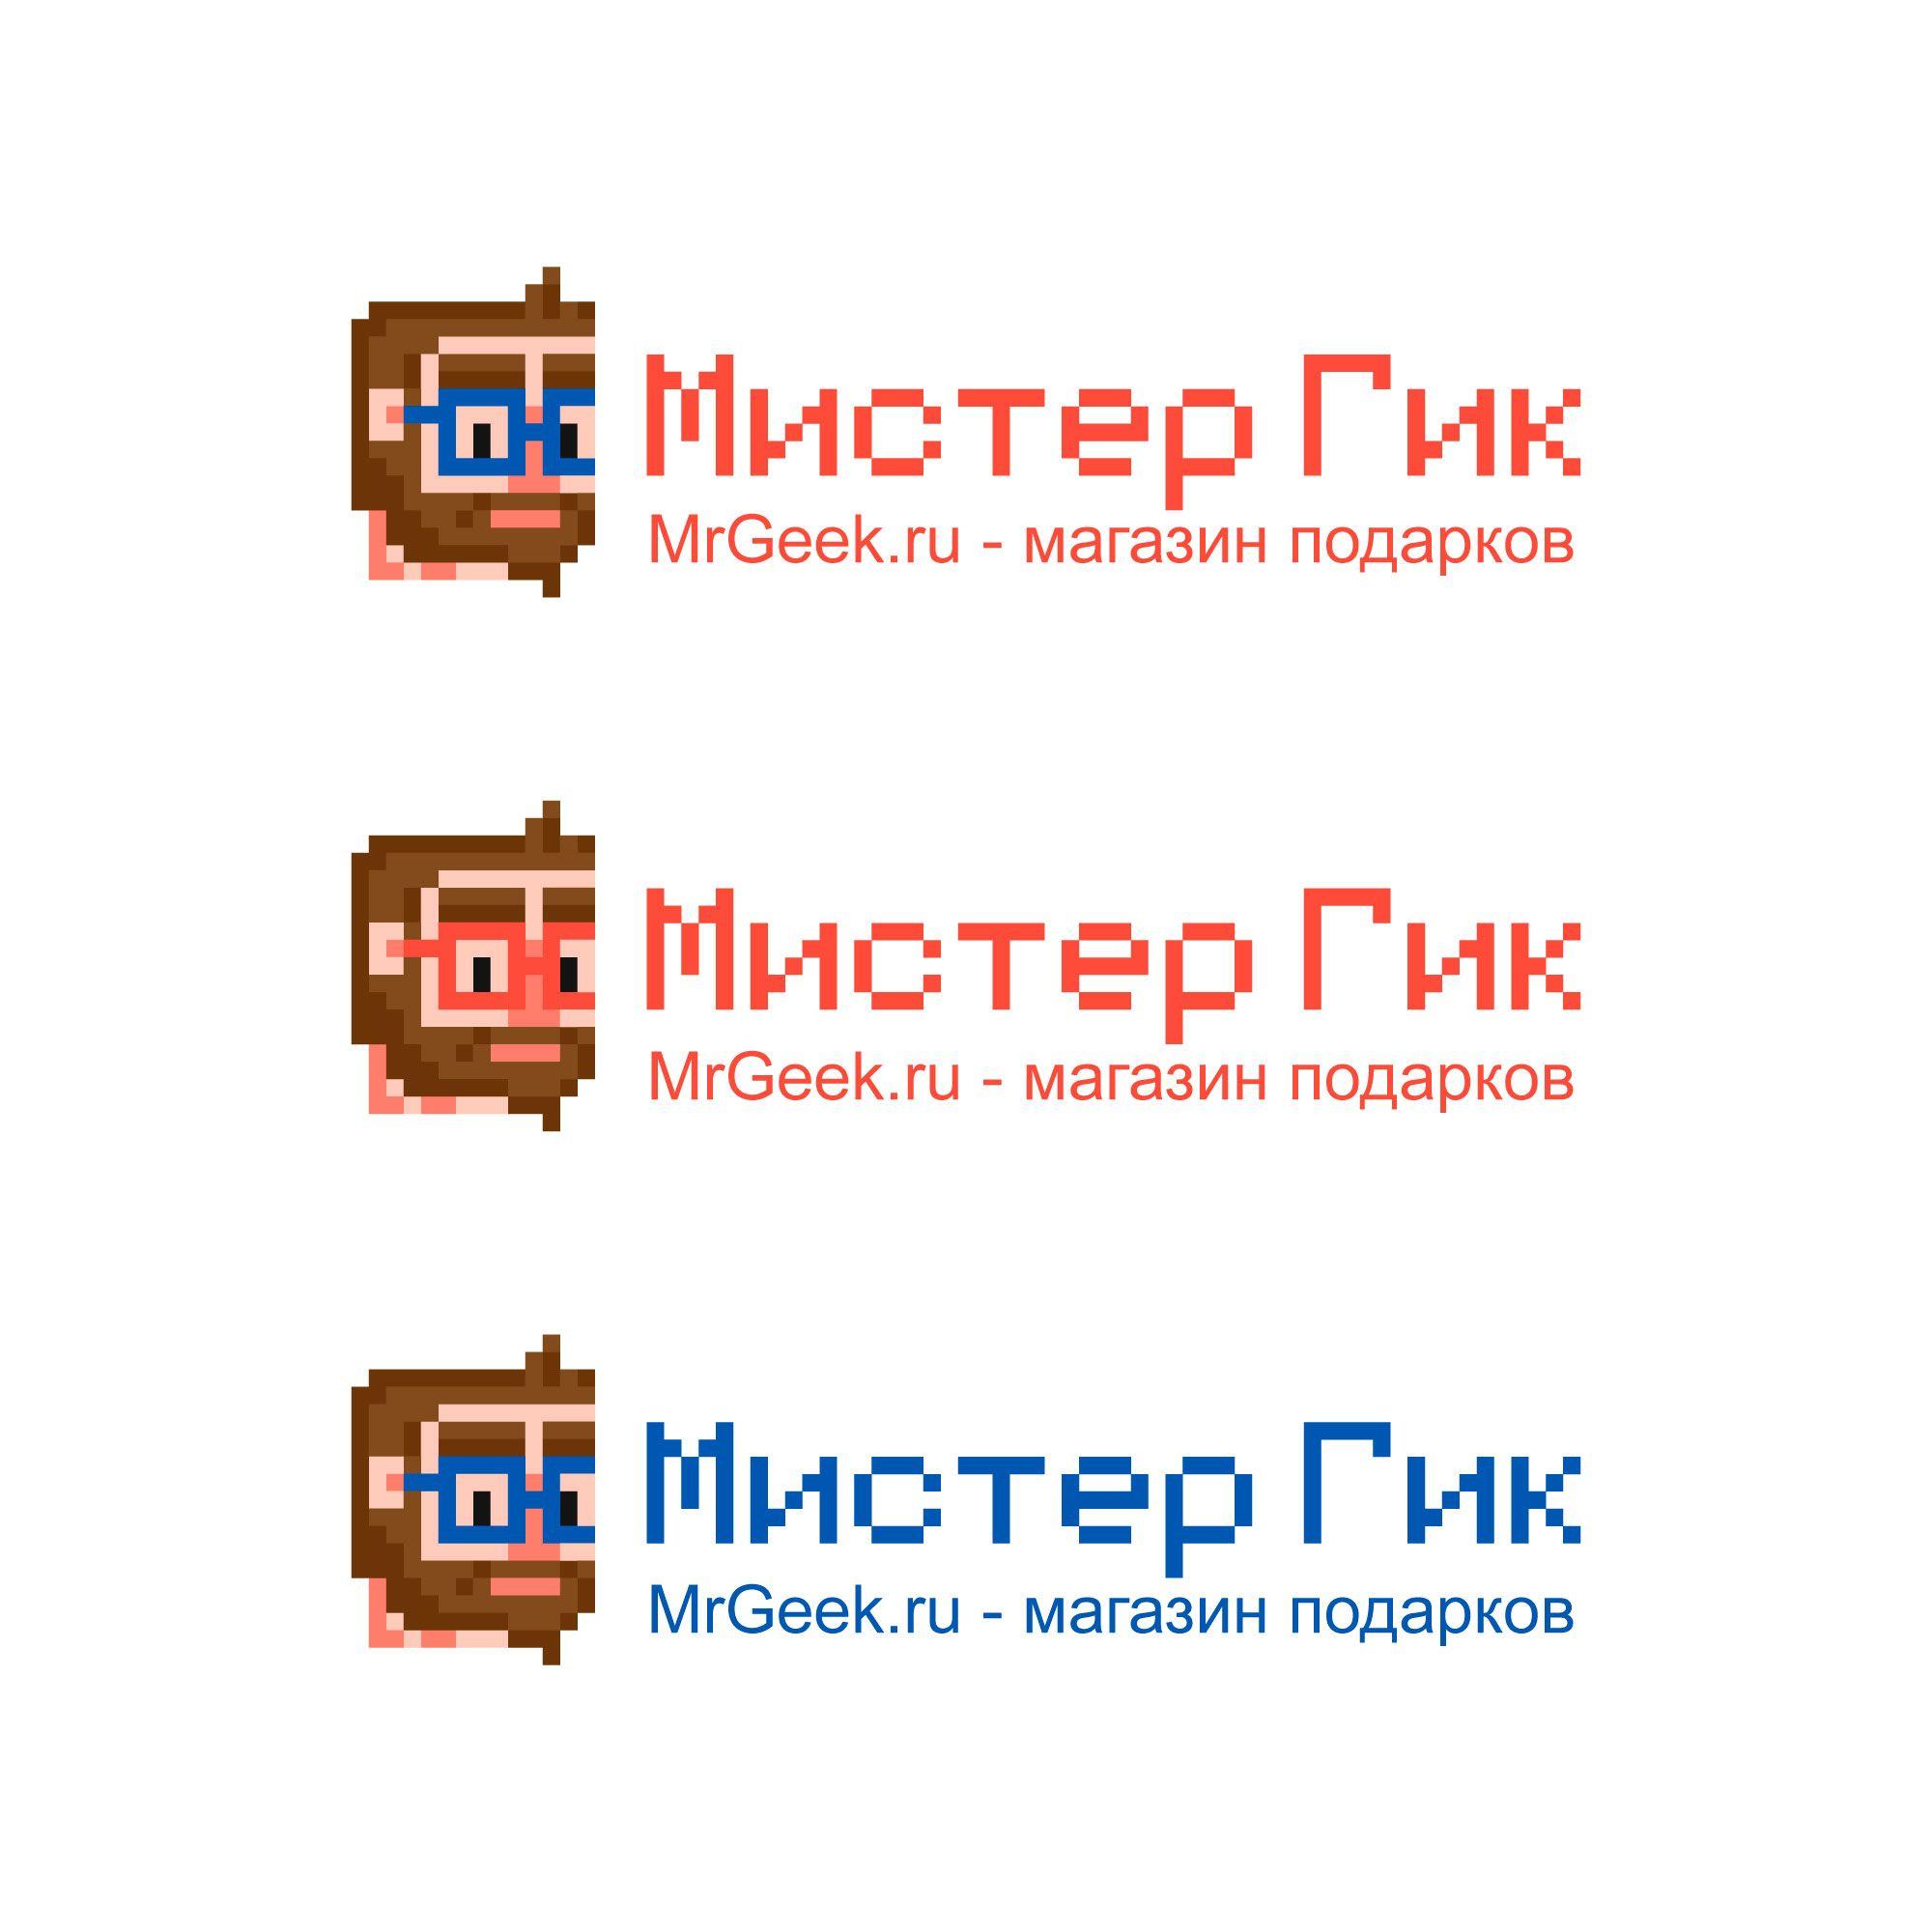 Логотип для магазина подарков - дизайнер Sonofpaul